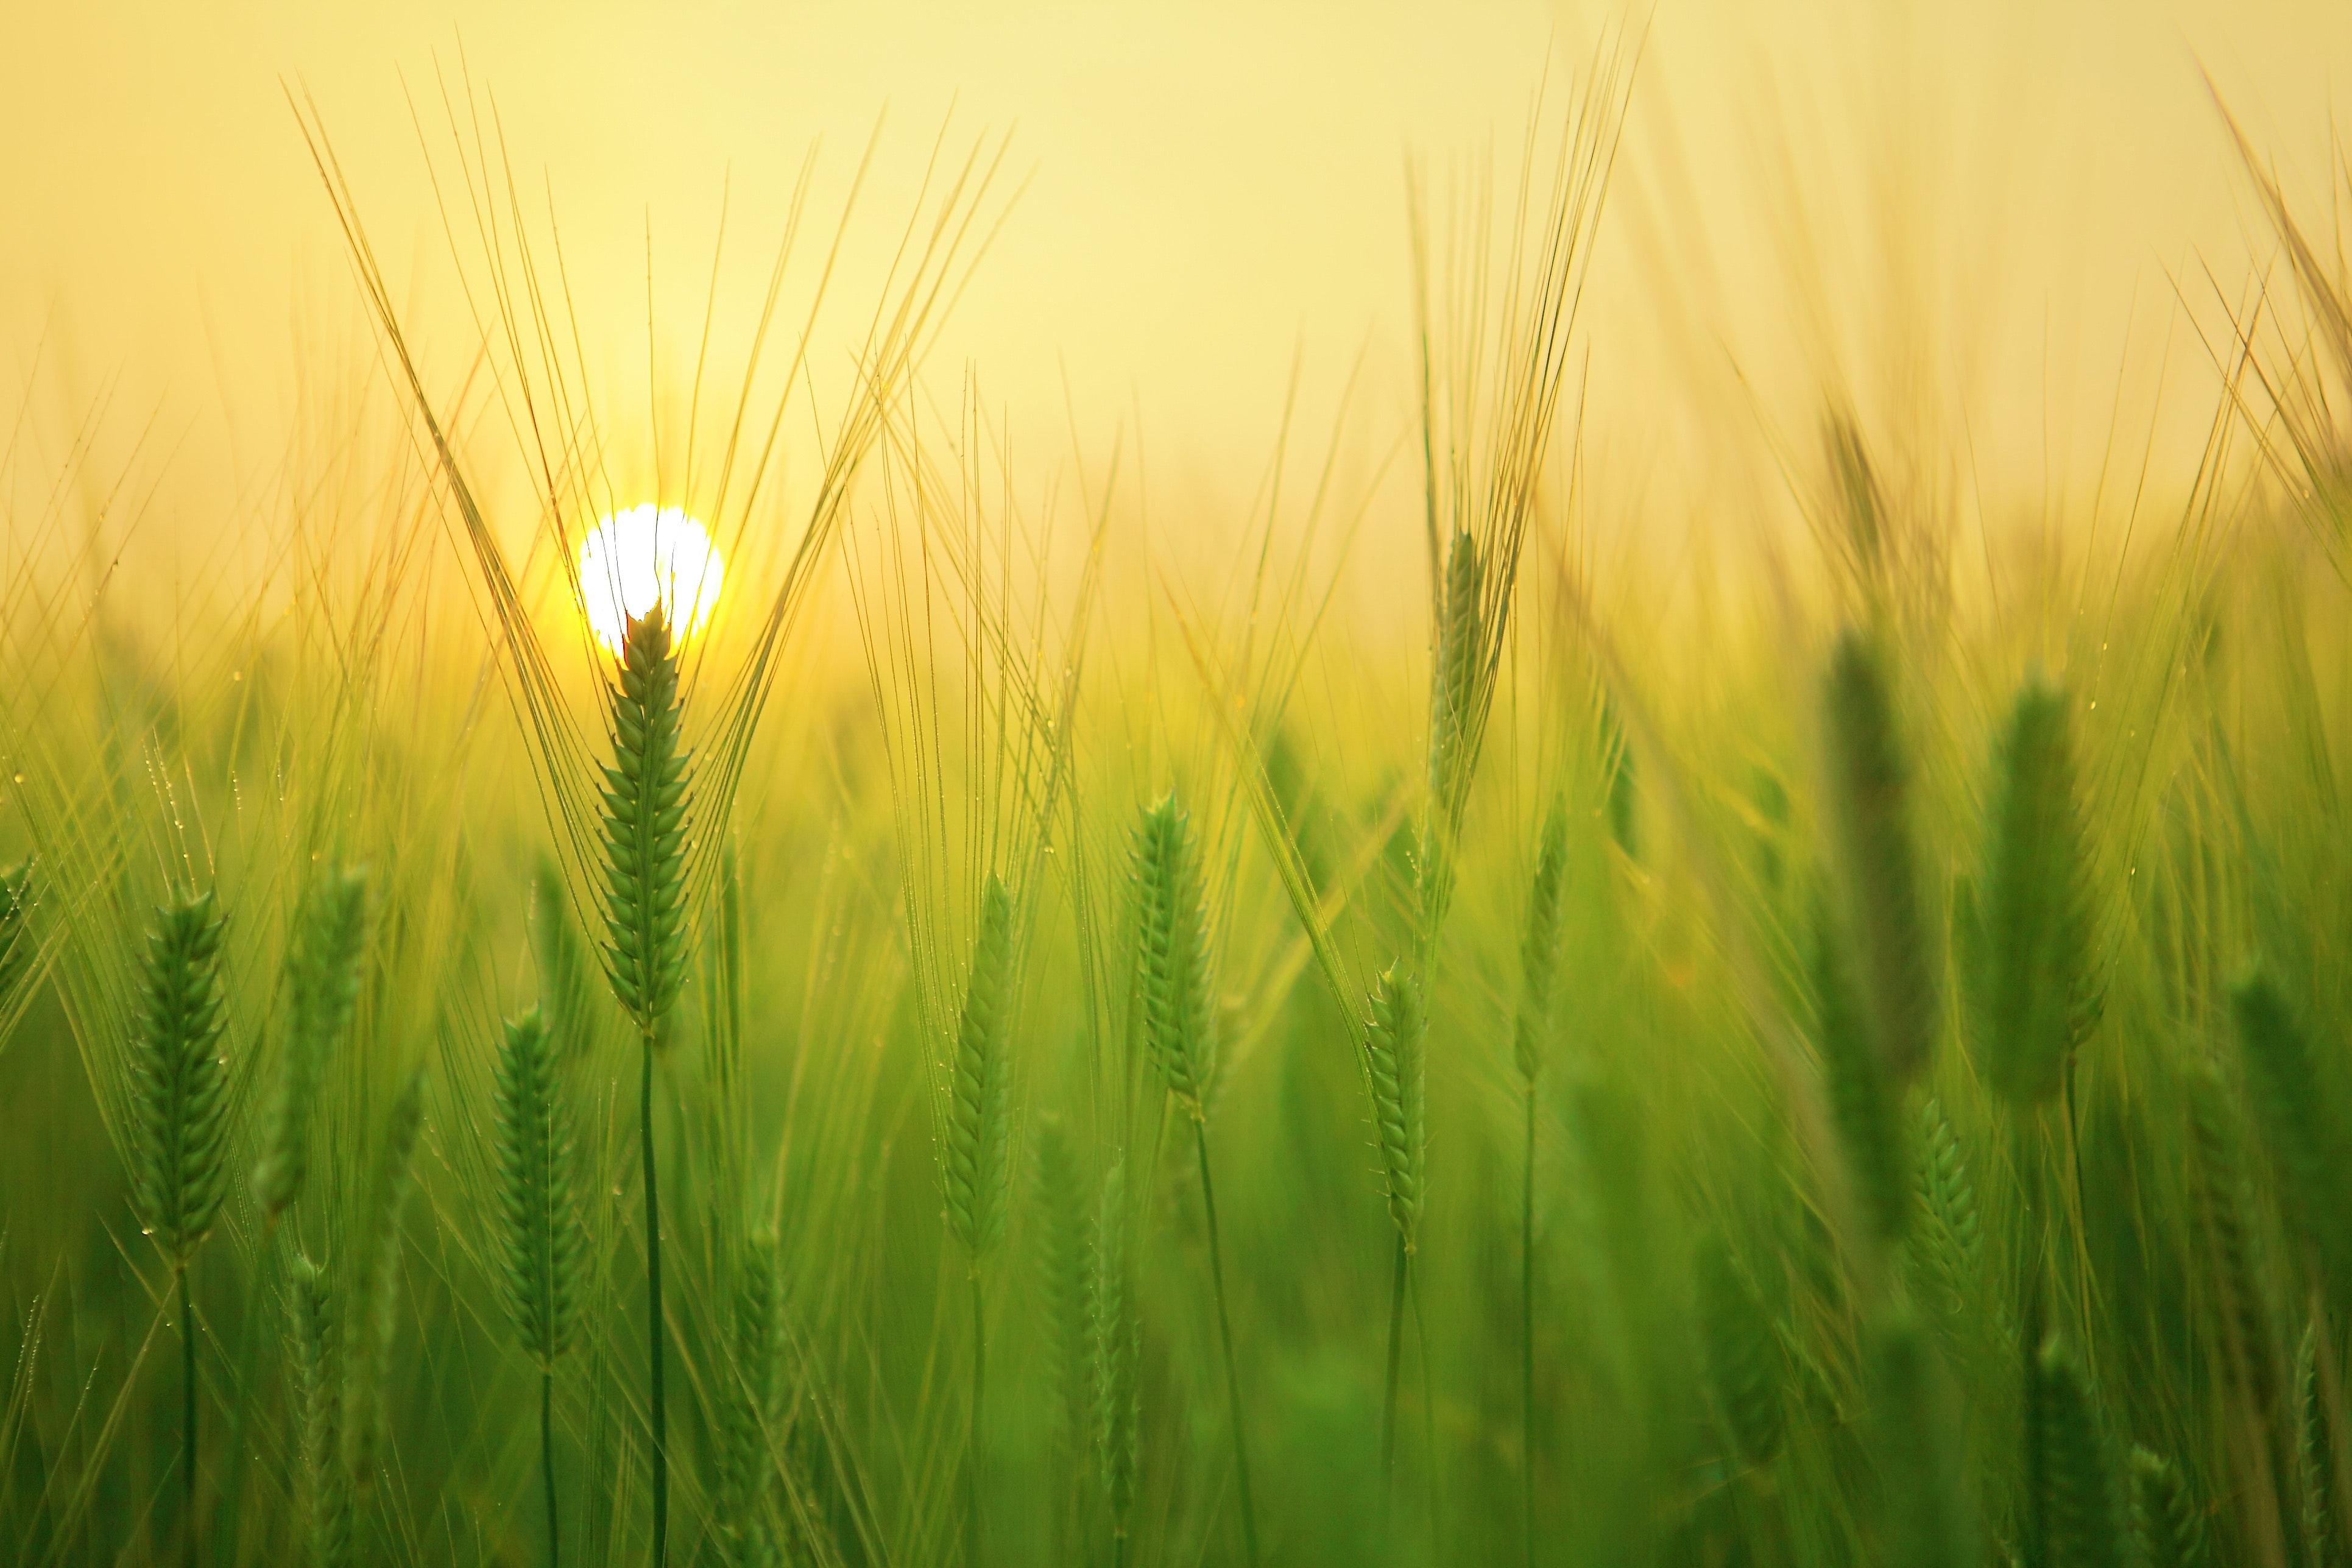 iarba de orz pierde în greutate scădere în greutate maccala mclaren